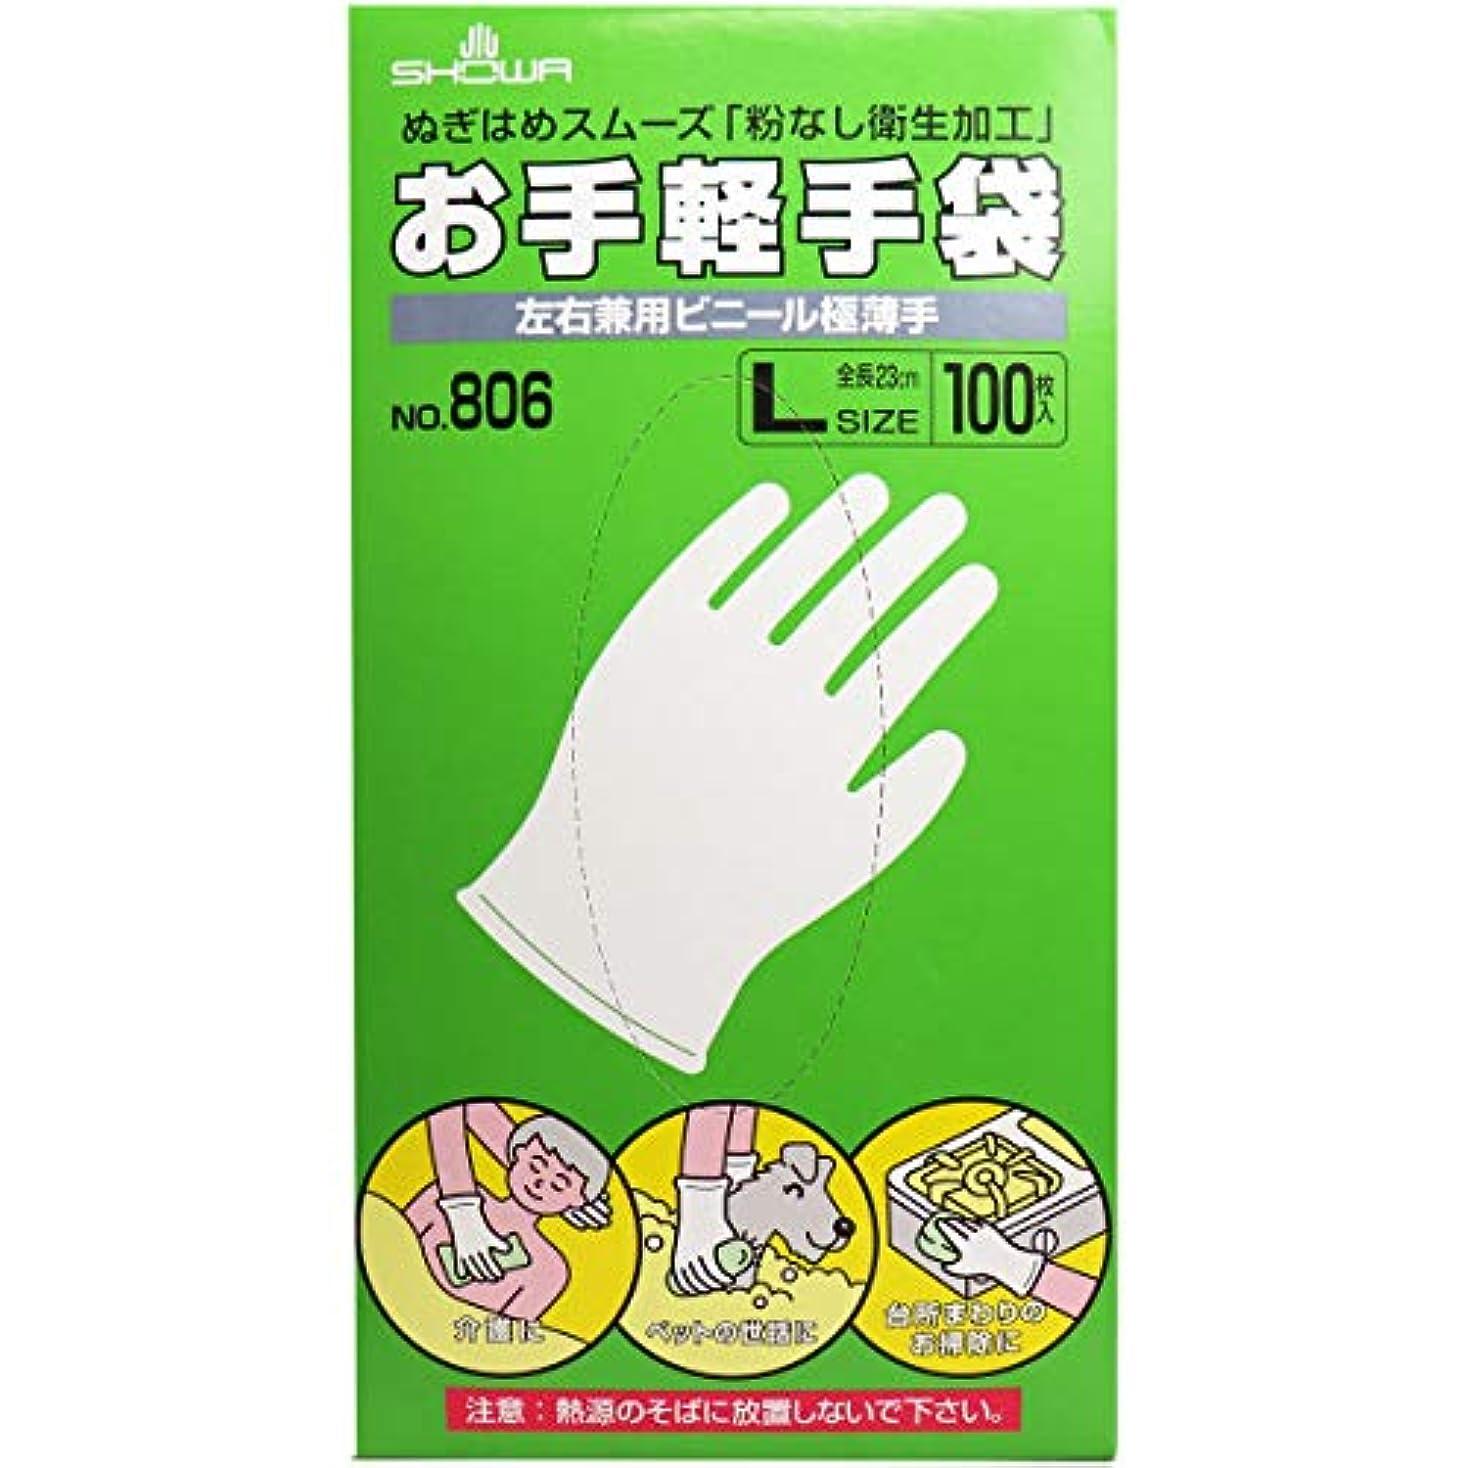 無力ブルゴーニュ批判的にお手軽手袋 No.806 左右兼用ビニール極薄手 粉なし Lサイズ 100枚入×5個セット